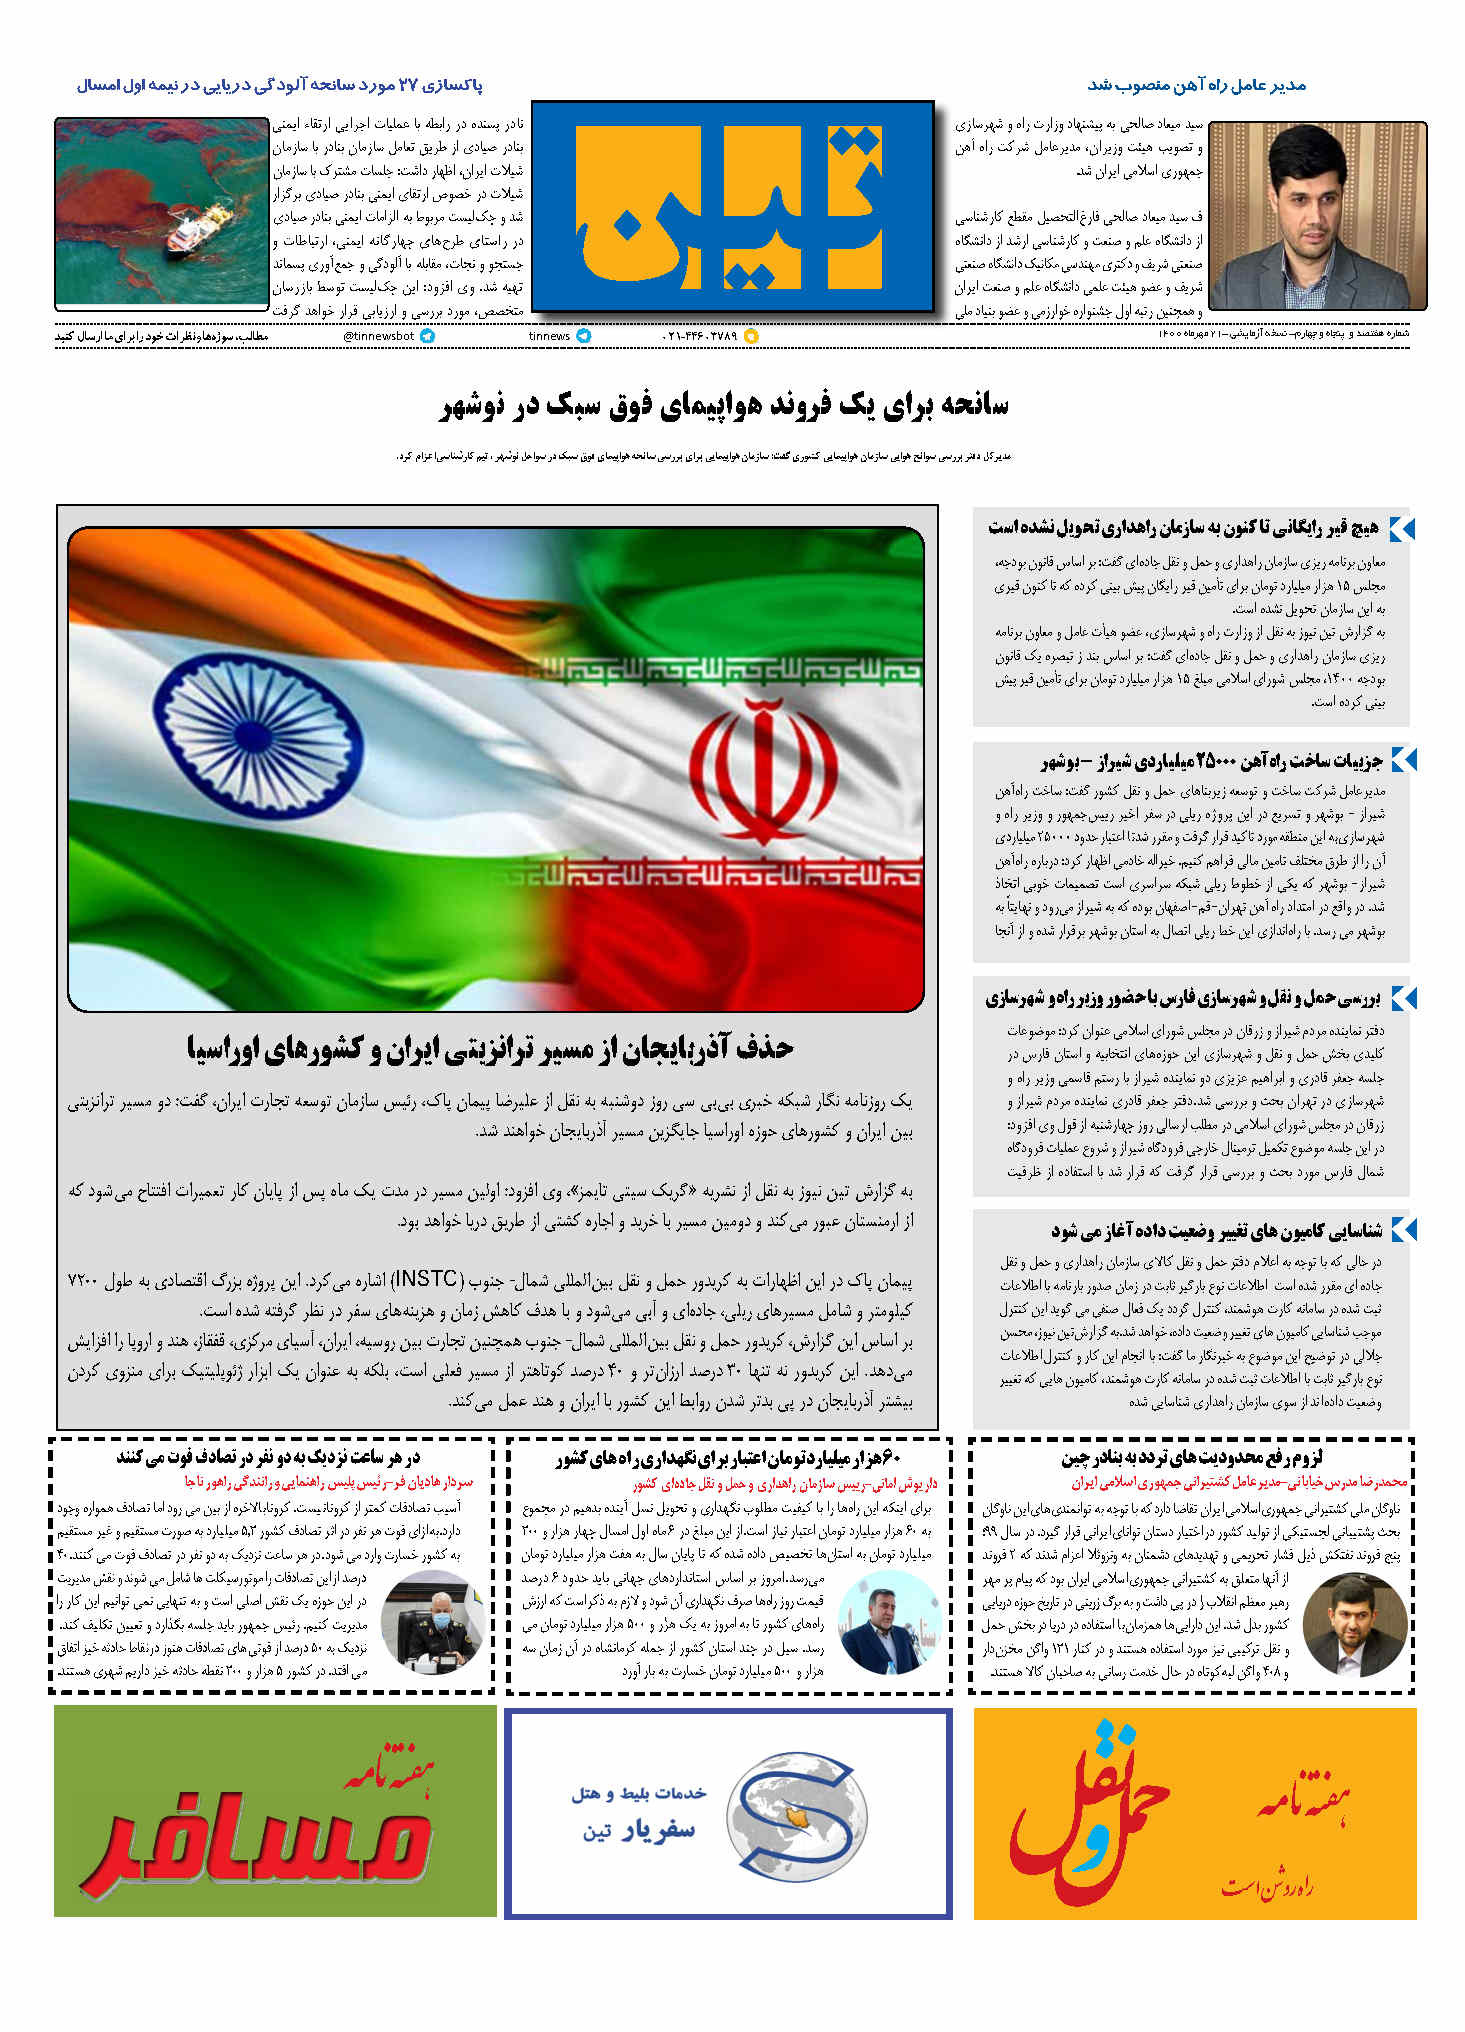 روزنامه الکترونیک 21 مهرماه 1400